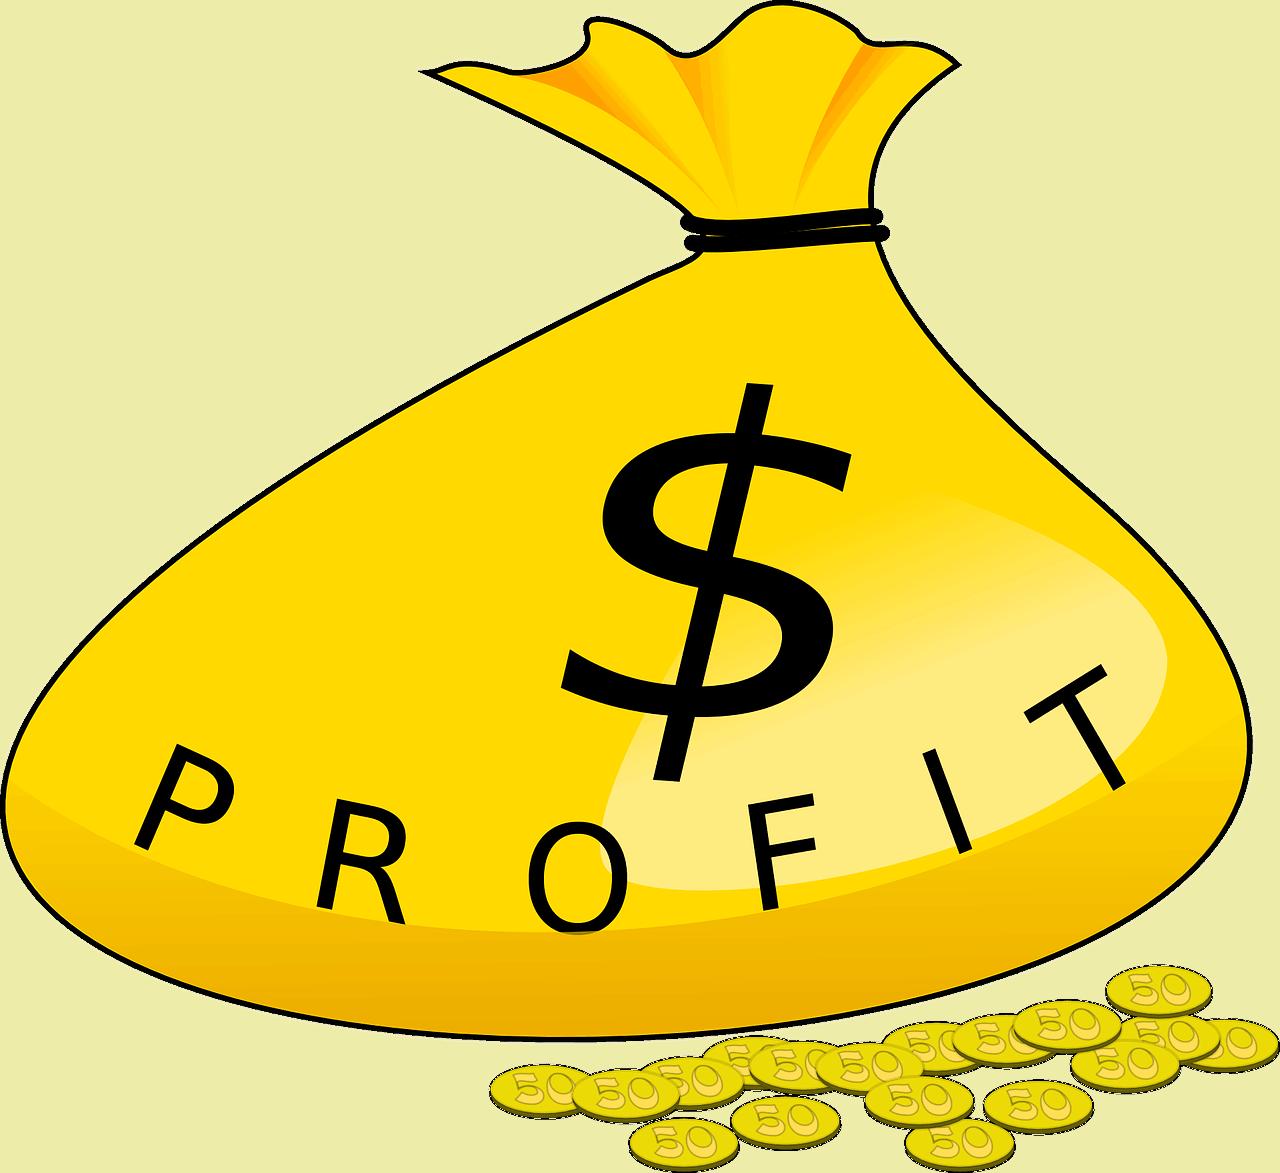 הר הכסף 2 – אתם חייבים לבדוק את זה